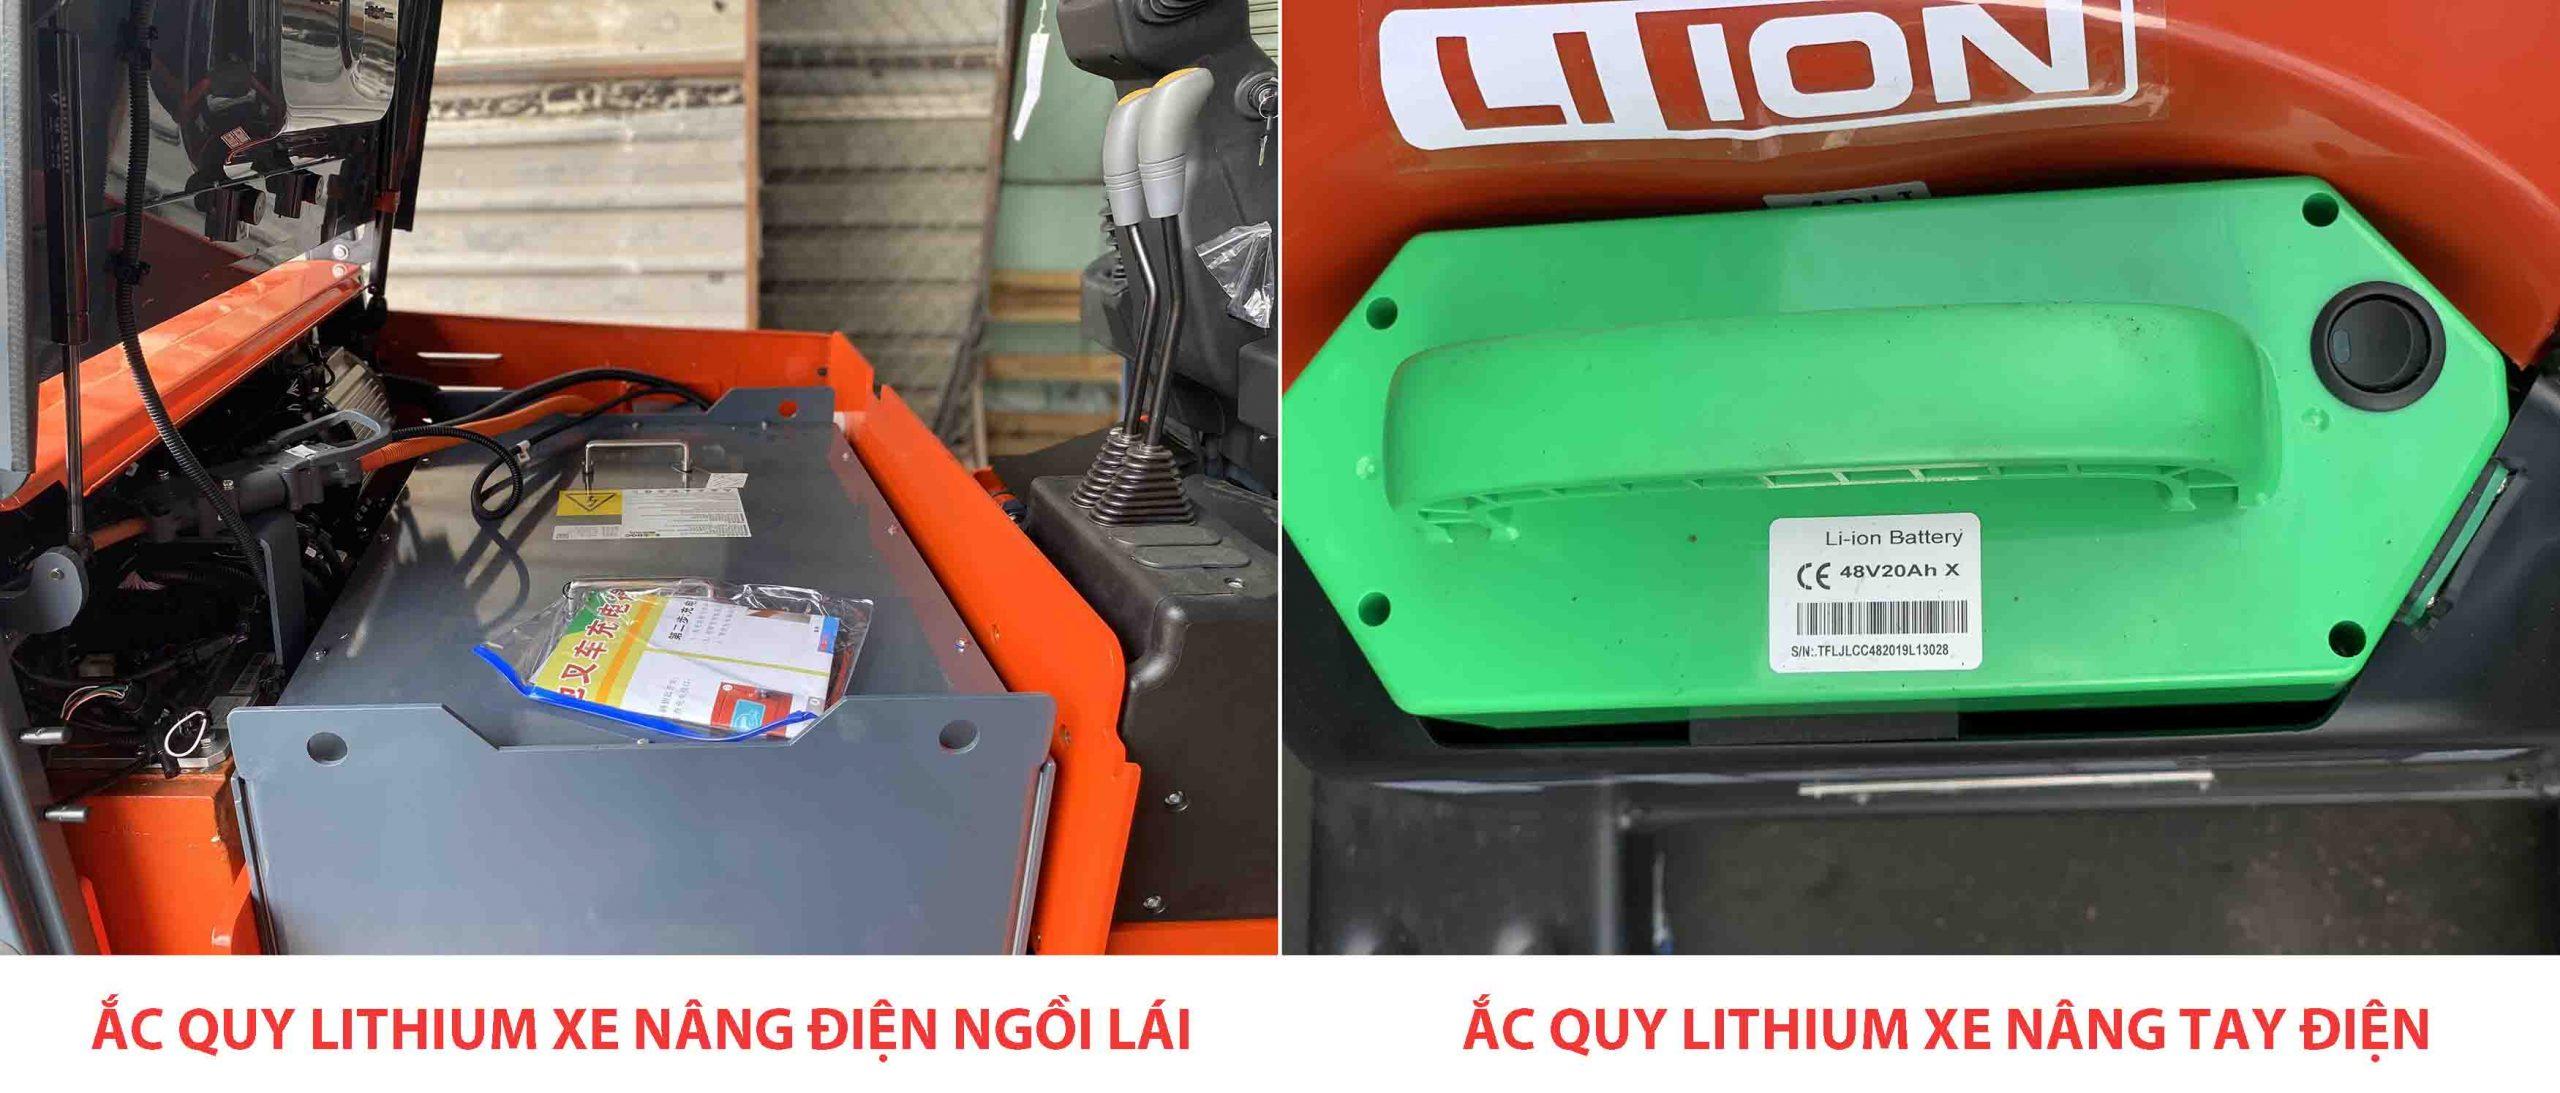 Ắc quy Lithium trên xe nâng